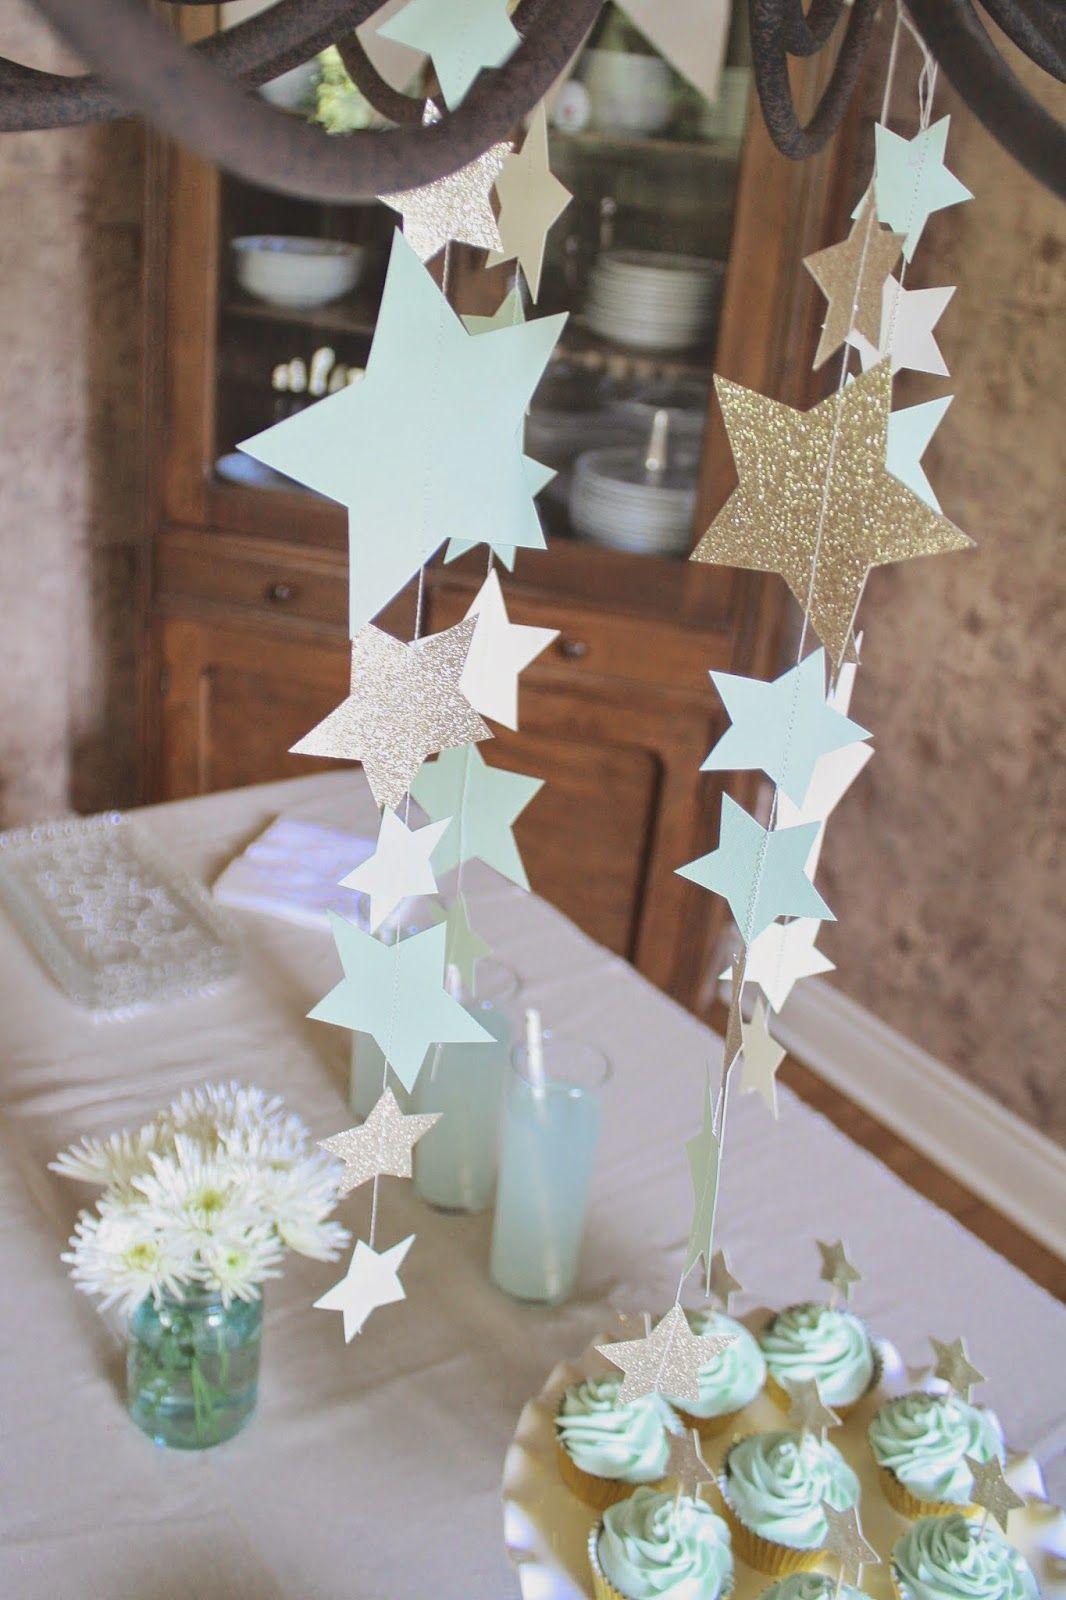 12 Star Paper Straws Twinkle Twinkle Little Star Decor Twinkle Star Mint Mint Gold Baby Shower Twinkle Twinkle Little Star Birthday